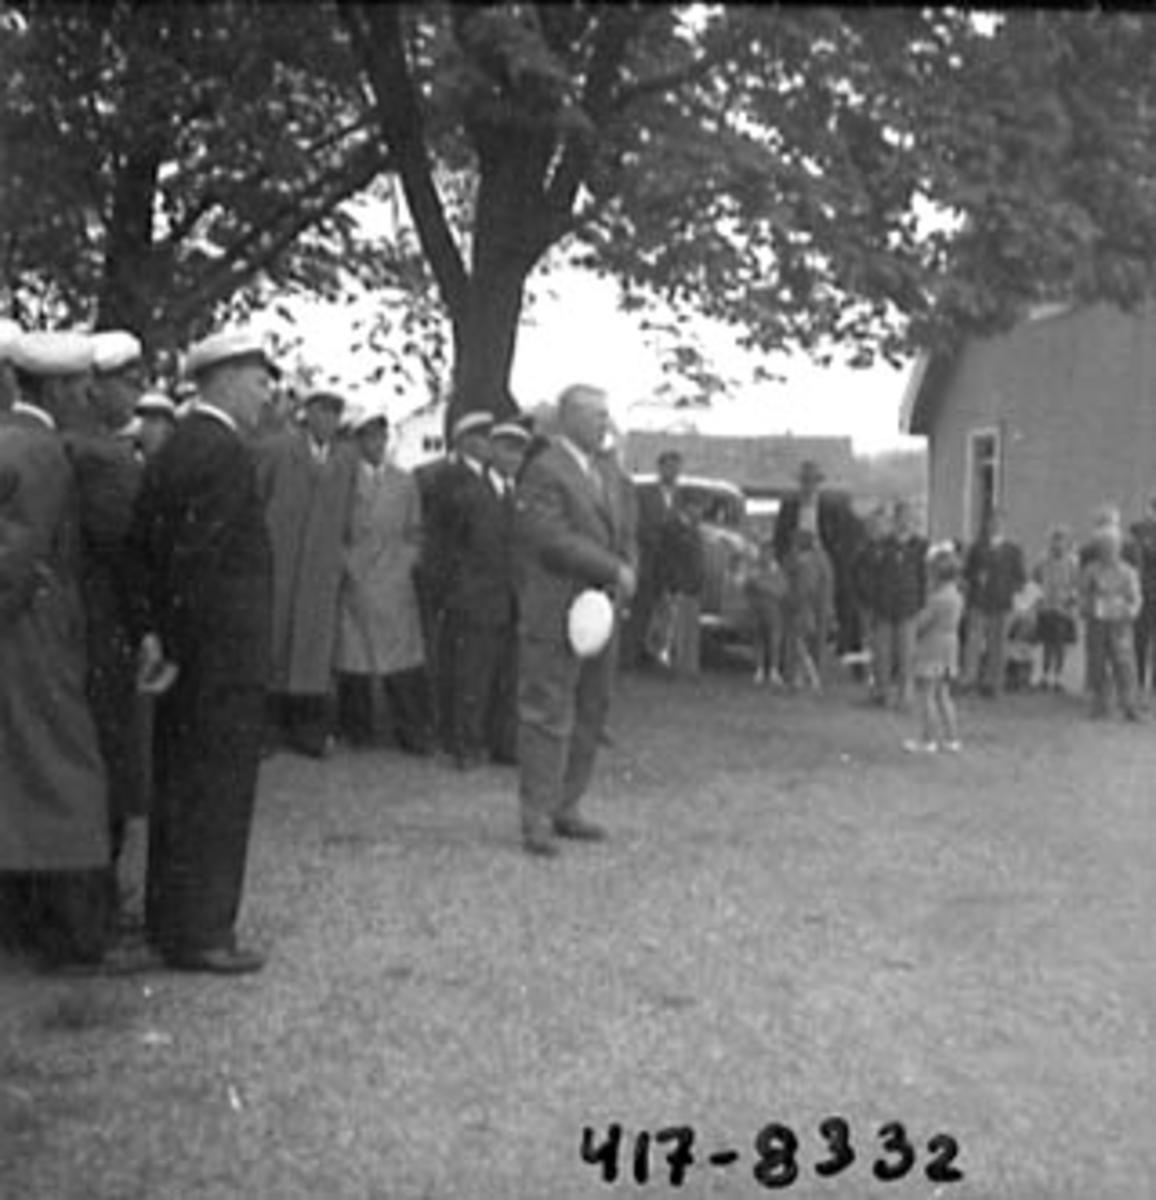 SANGERSTEVNE I PINSEN 1953, SANGERE SAMLET BAK TINVOLL